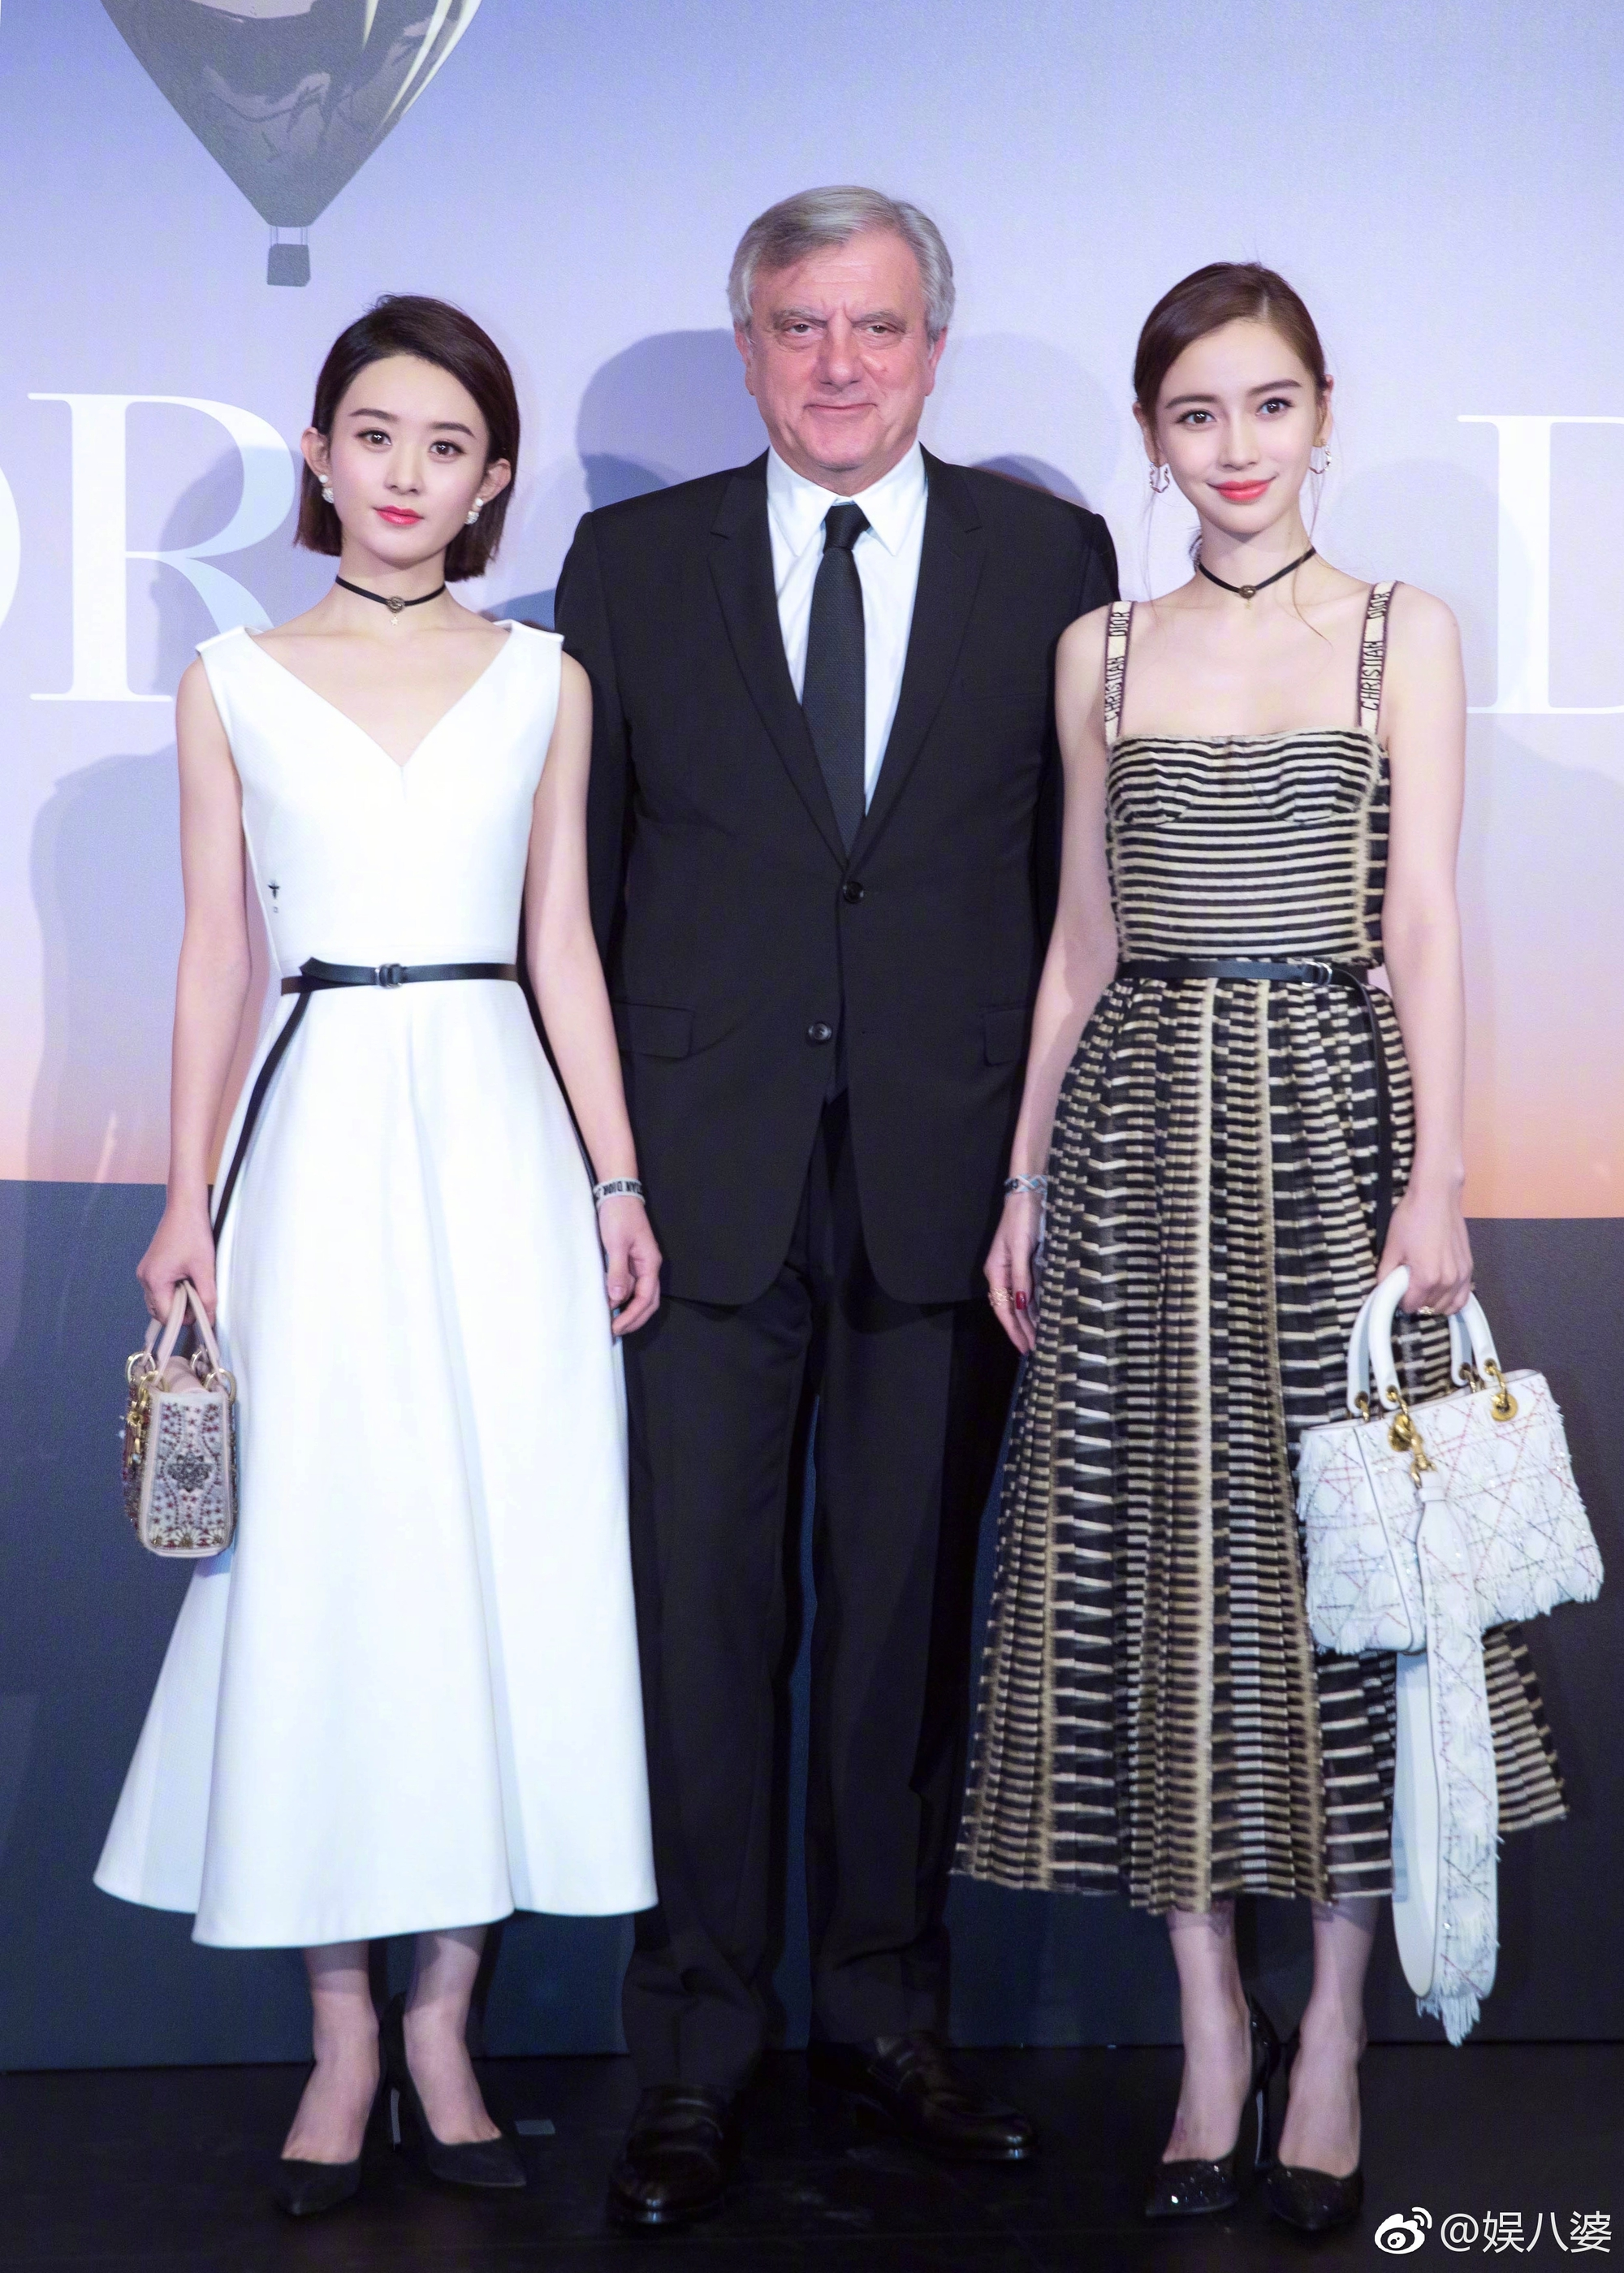 Angela Baby và Triệu Lệ Dĩnh: Cùng là đại sứ Dior, cùng bị ném đá khi mới nhậm chức, nhưng ai hơn ai? - Ảnh 1.